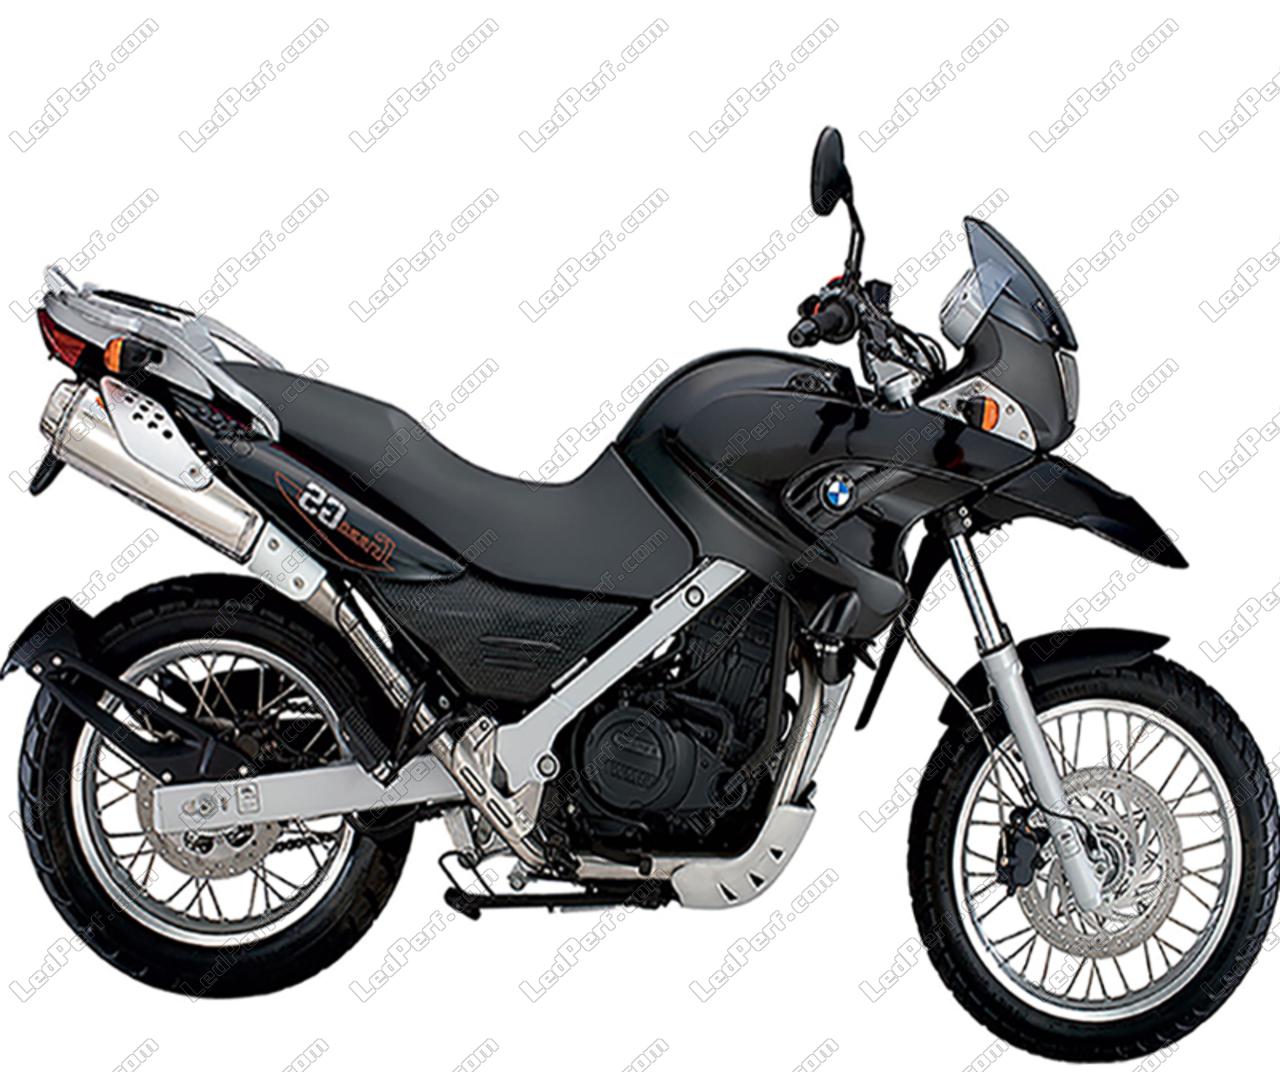 pack rear led turn signal for bmw motorrad g 650 gs 2008. Black Bedroom Furniture Sets. Home Design Ideas